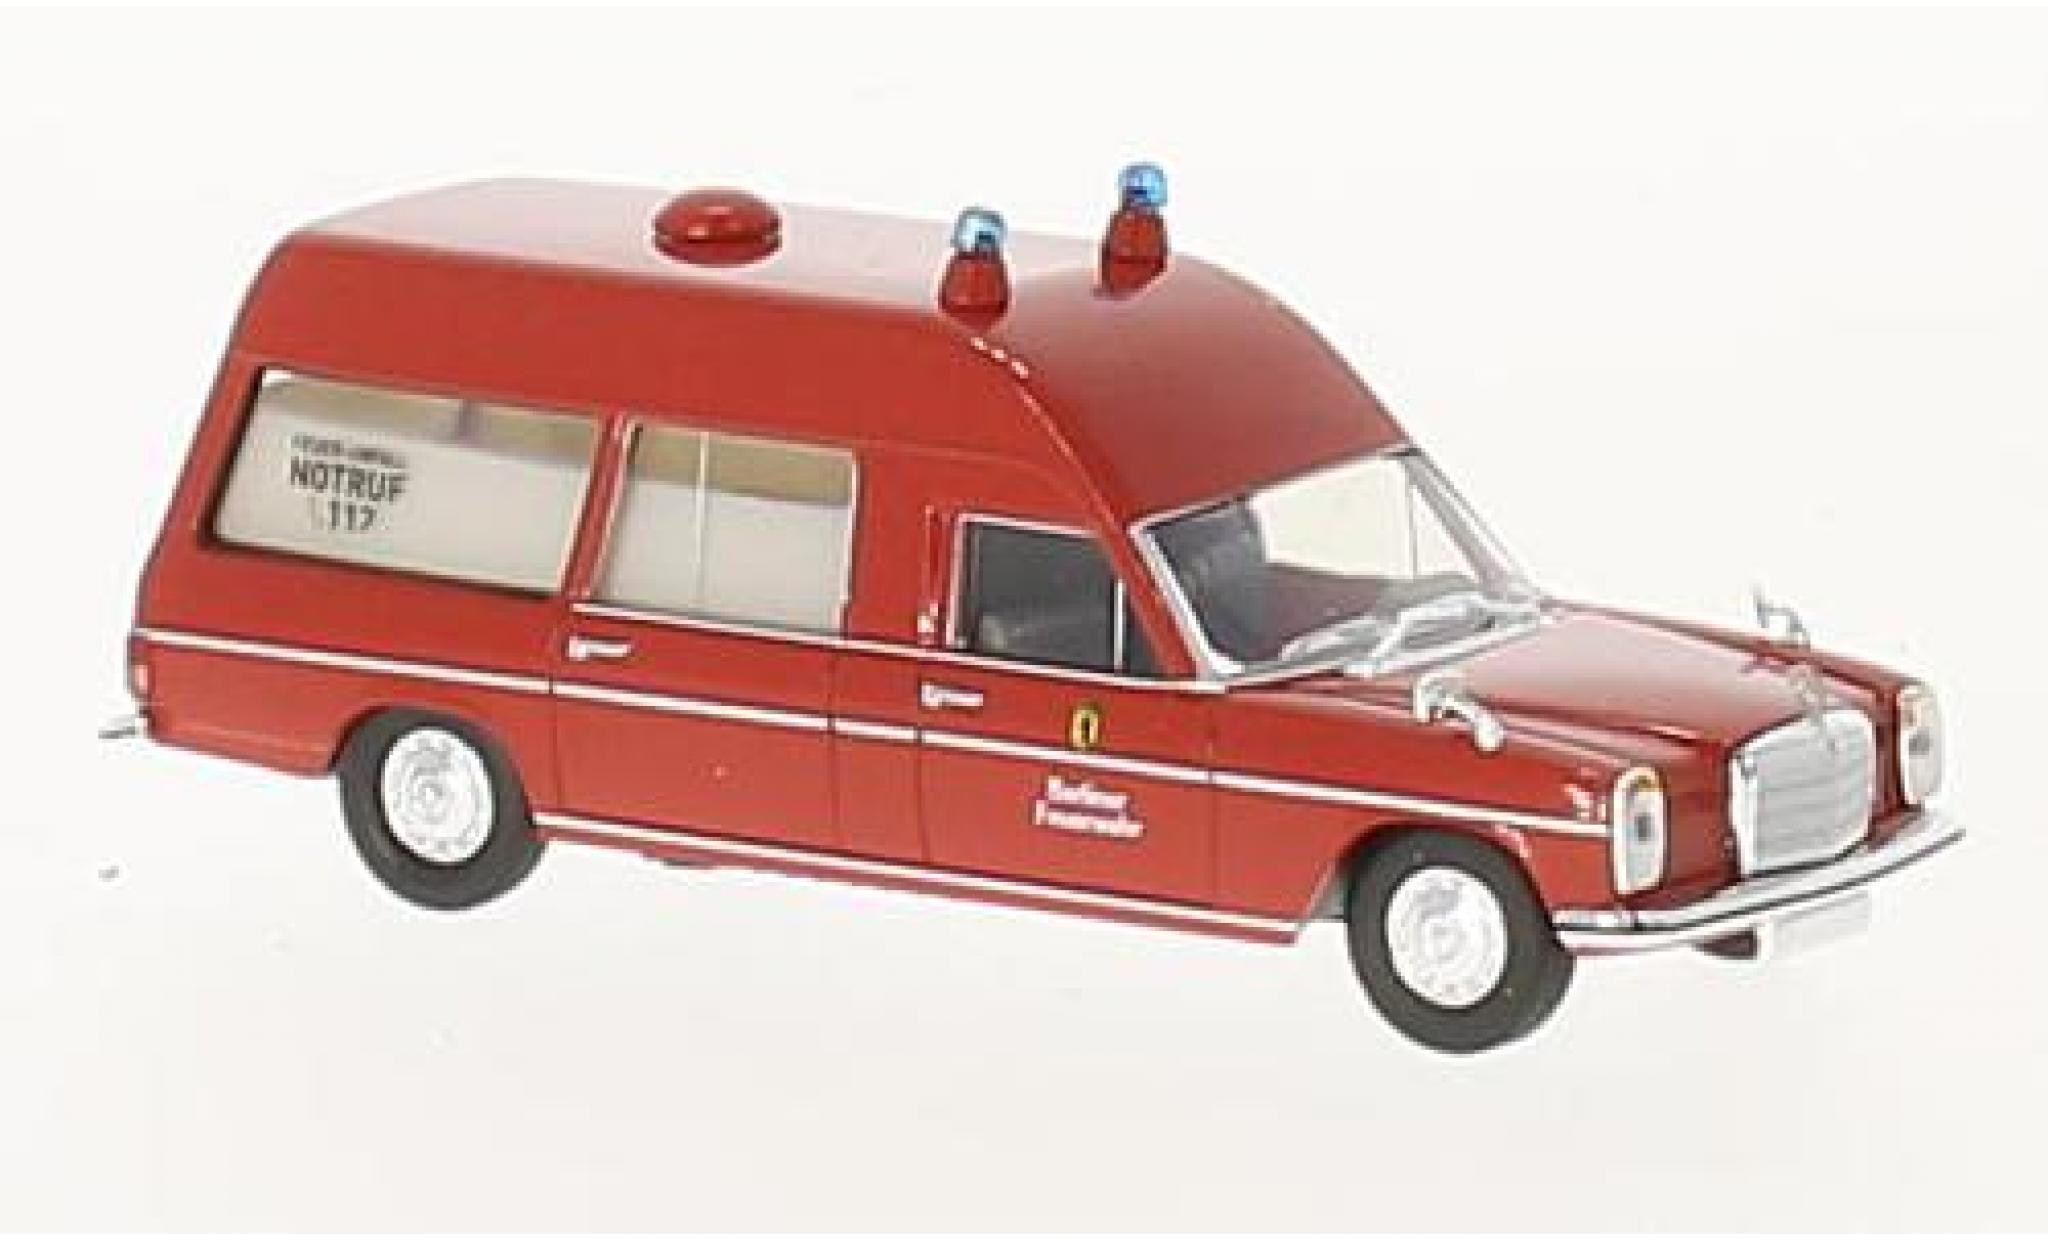 Mercedes /8 1/87 Brekina Berliner Feuerwehr ambulance